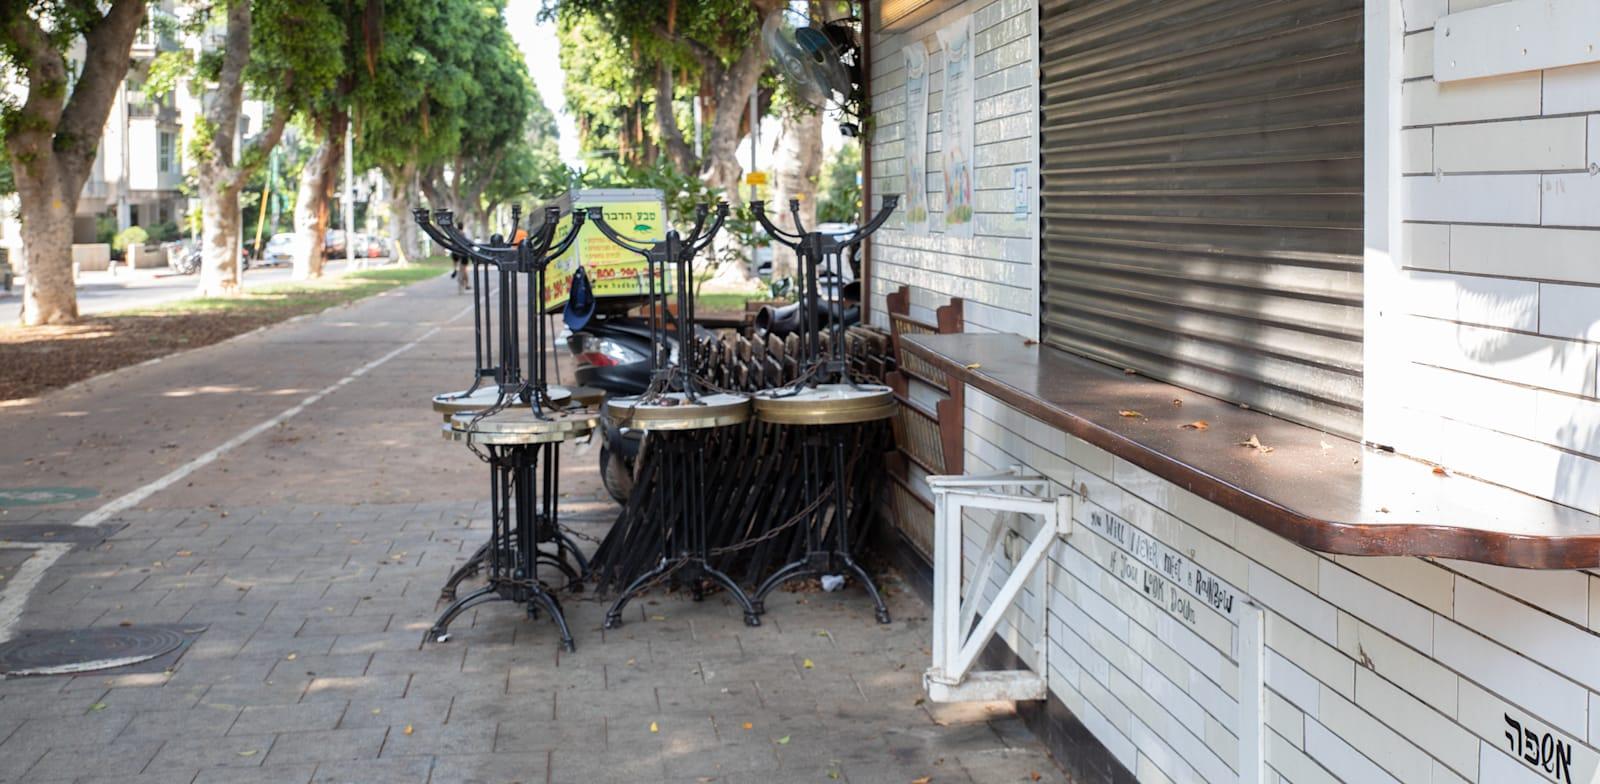 """עסק סגור בת""""א. אף עסק עוד לא נהנה מהתנאים המקלים שאושרו / צילום: כדיה לוי"""